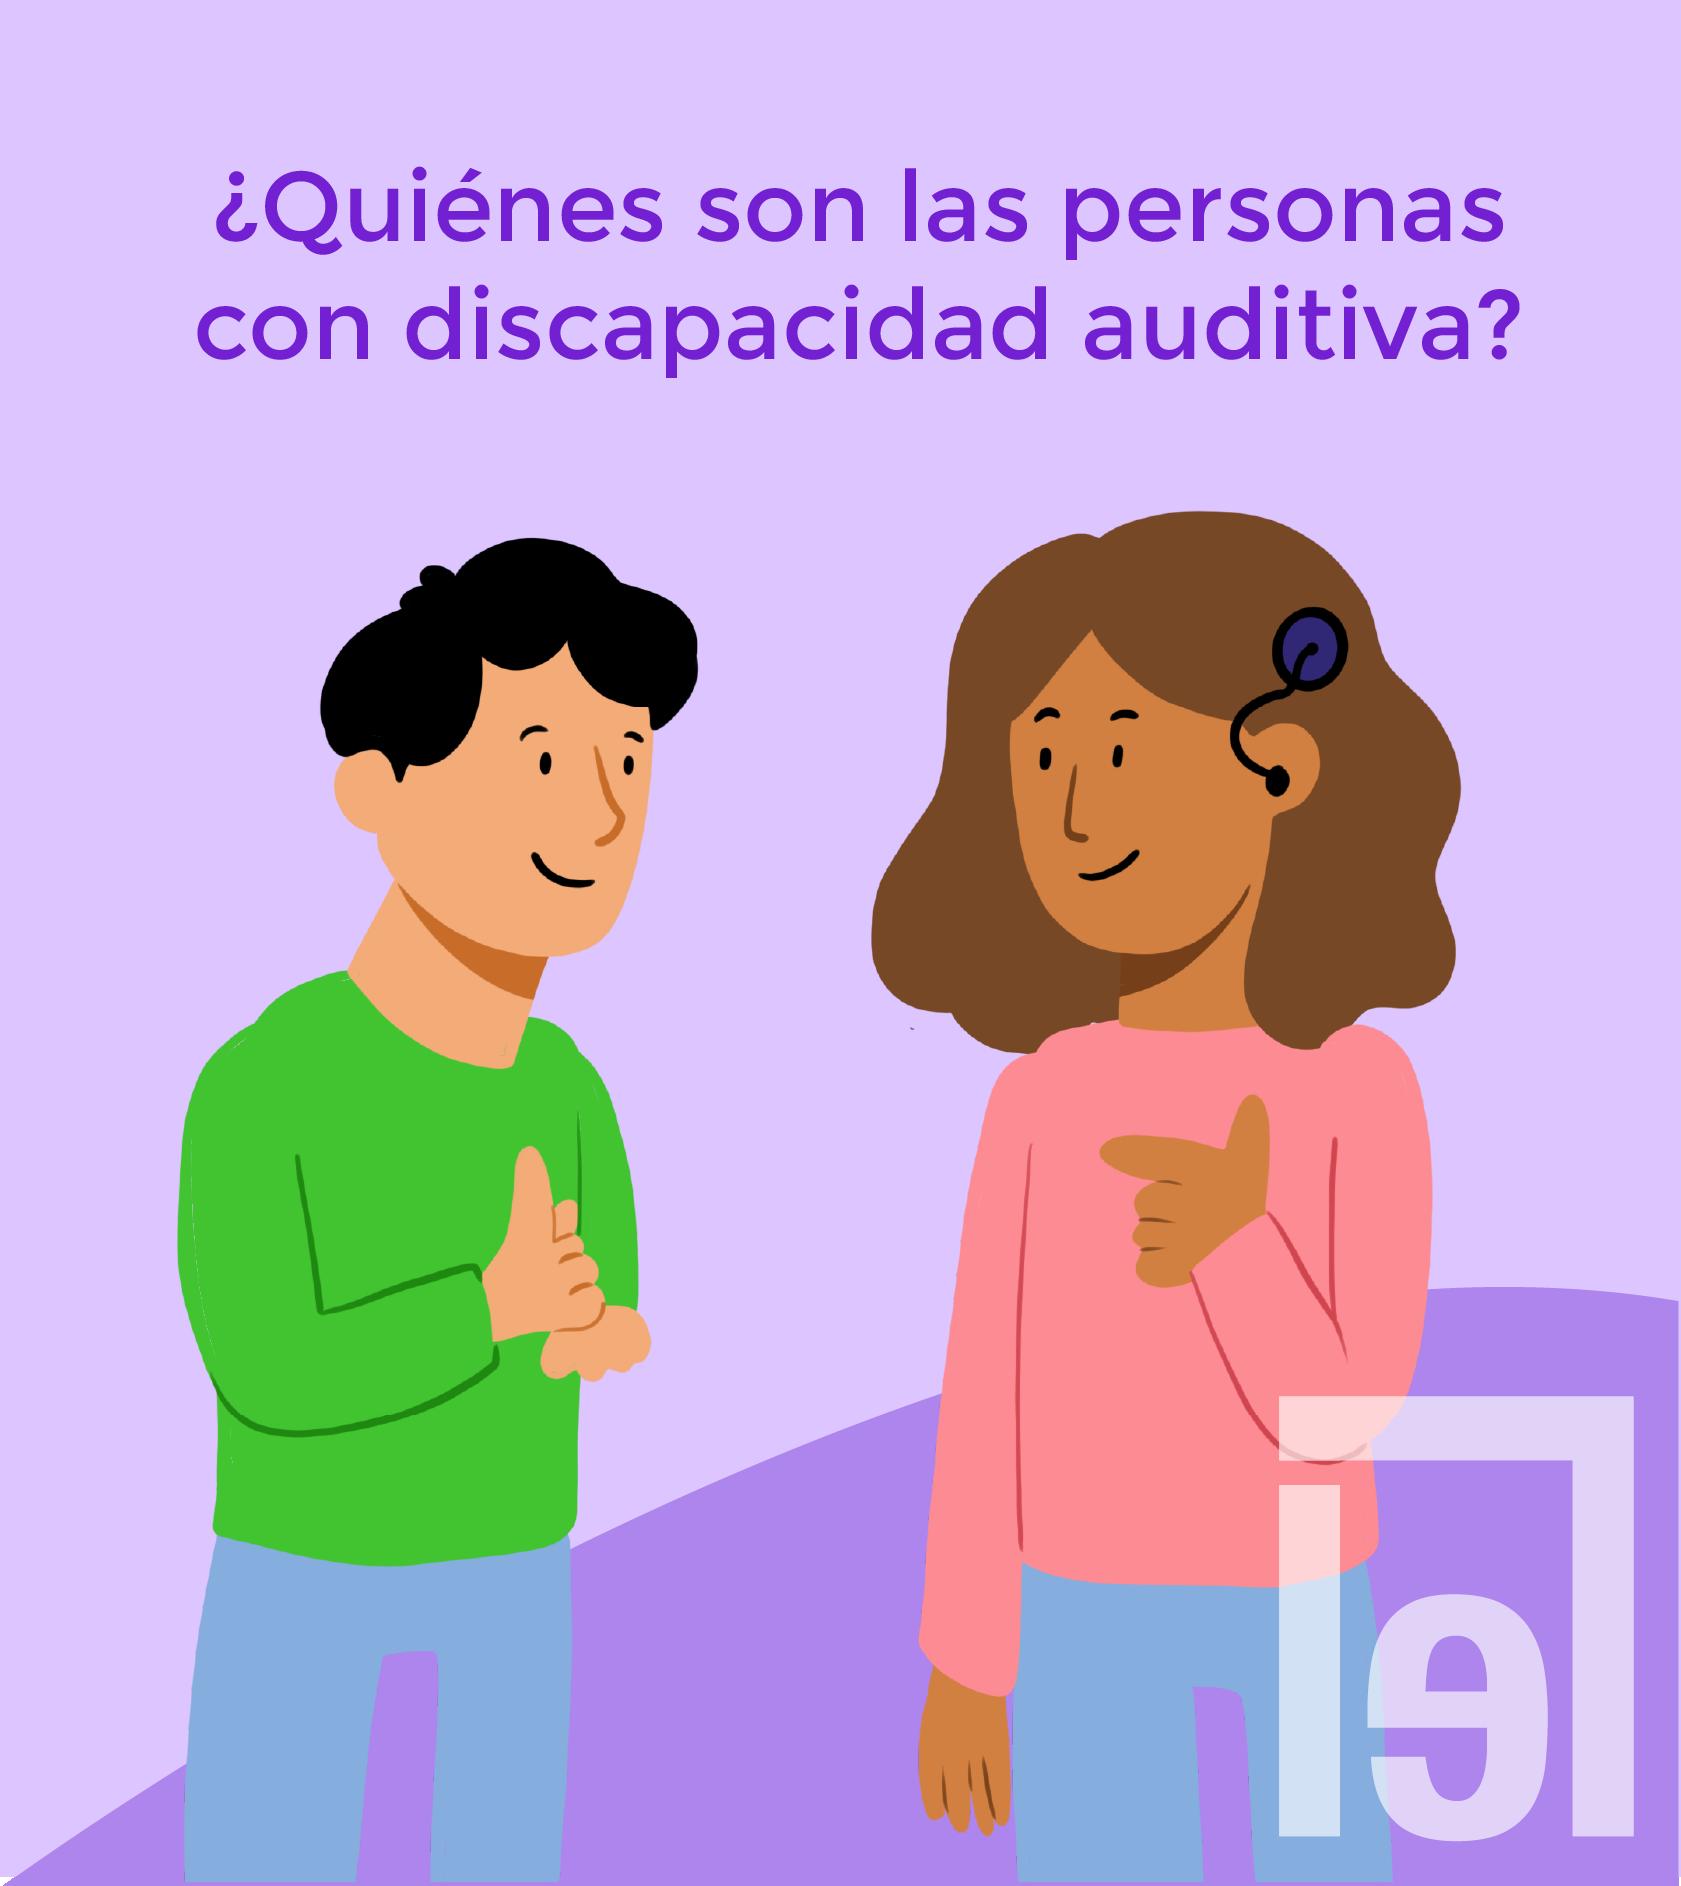 Texto: ¿Quiénes son las personas con discapacidad auditiva?. Debajo un dibujo de 2 personas, del lado izquierdo un hombre haciendo una seña de la lengua de señas mexicana, del lado derecho una mujer con un implante coclear haciendo una seña de la lengua de señas mexicana